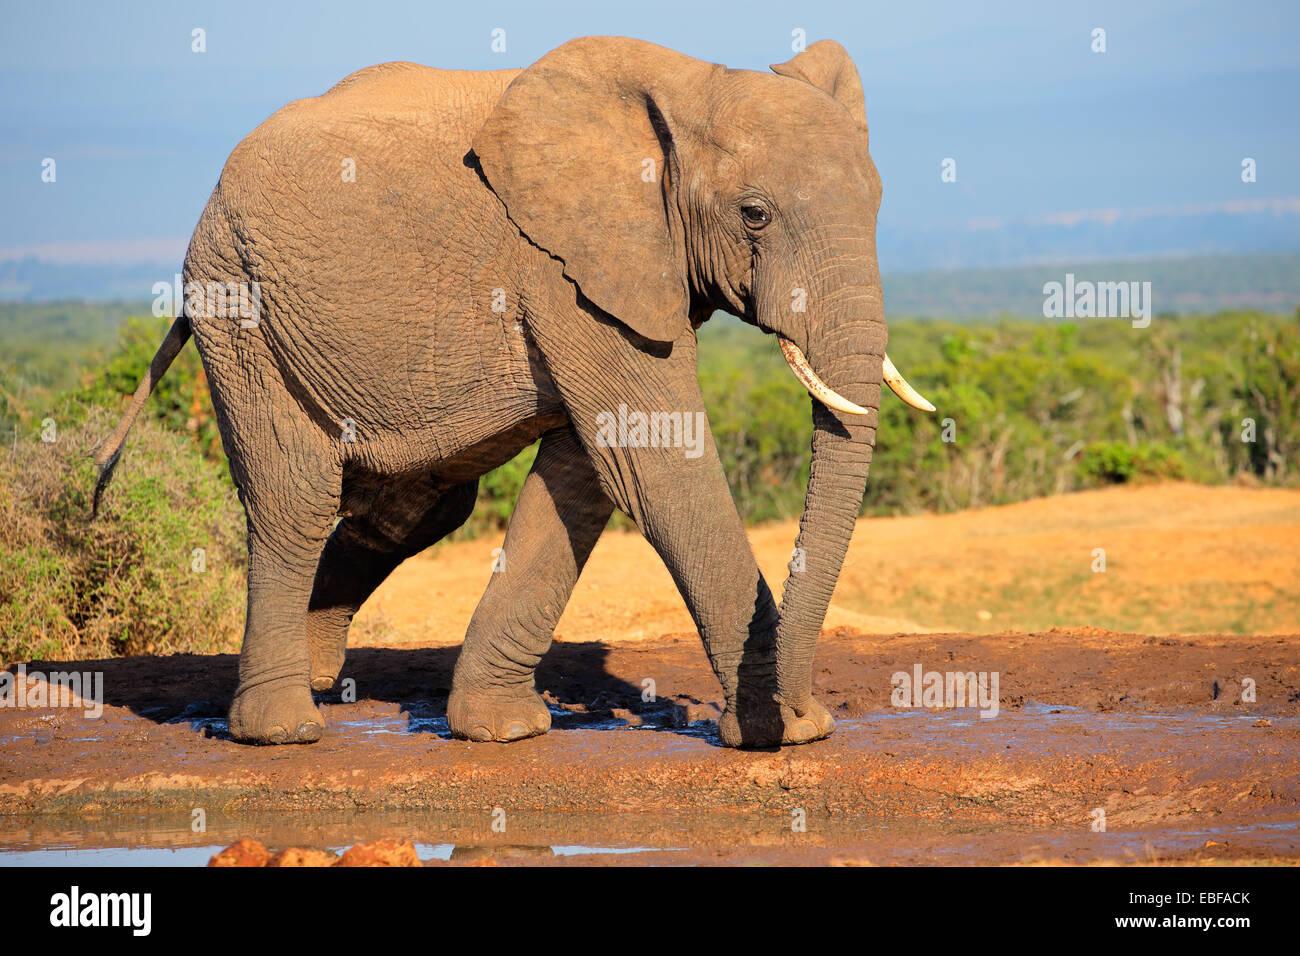 Large African elephant bull (Loxodonta africana), Addo Elephant National park, South Africa - Stock Image